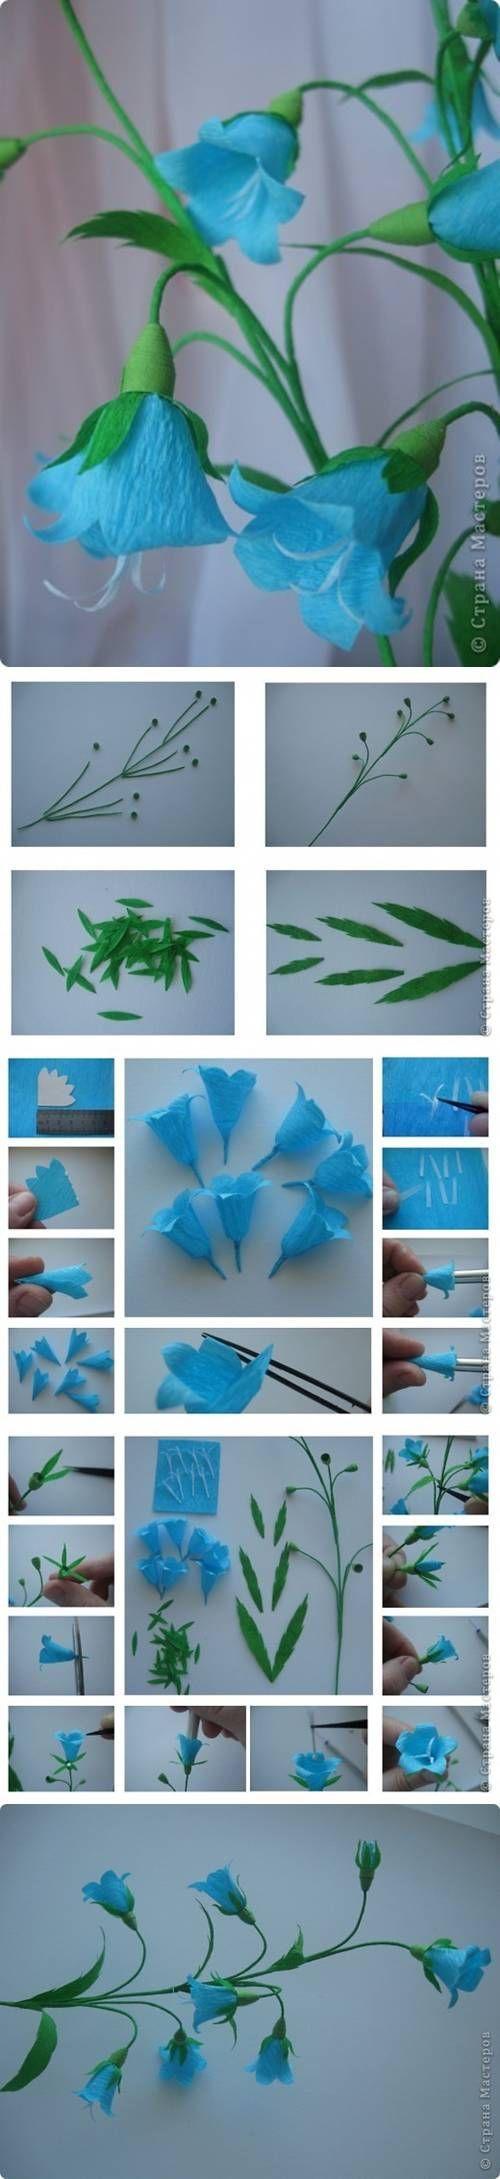 diy bluebell flower